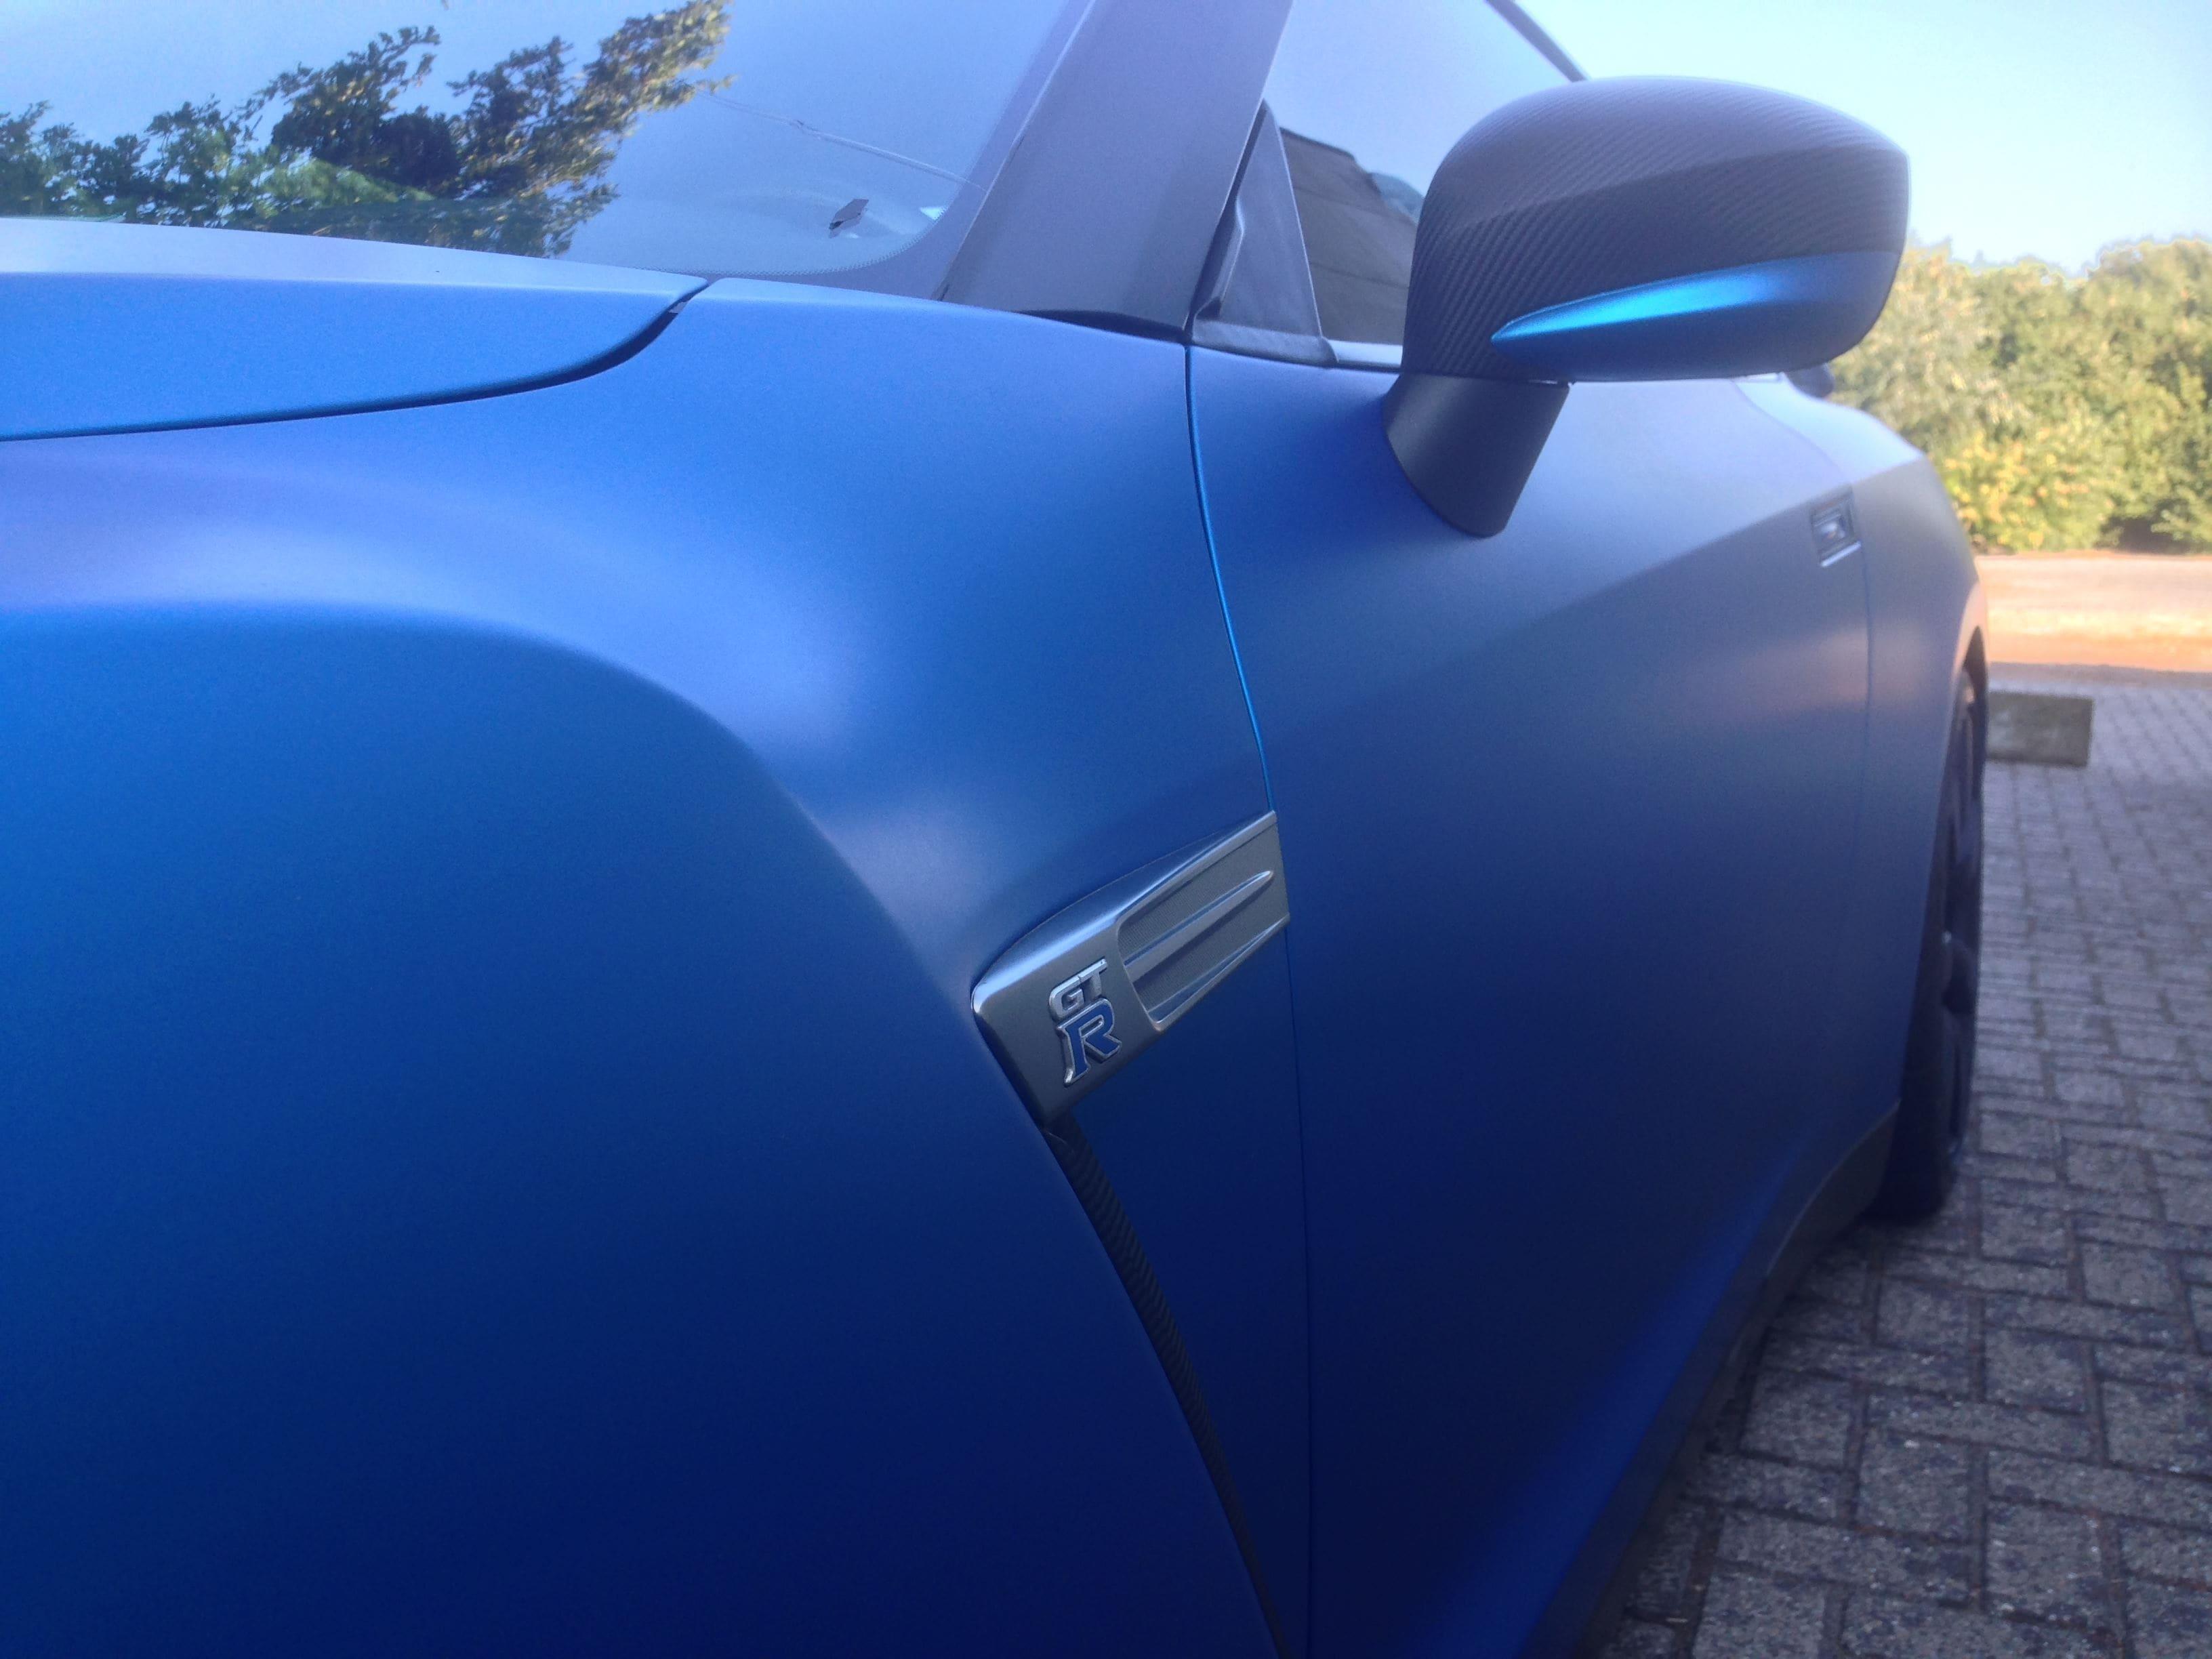 Nissan GT-R in Mat Blauwe Wrap, Carwrapping door Wrapmyride.nu Foto-nr:6539, ©2021